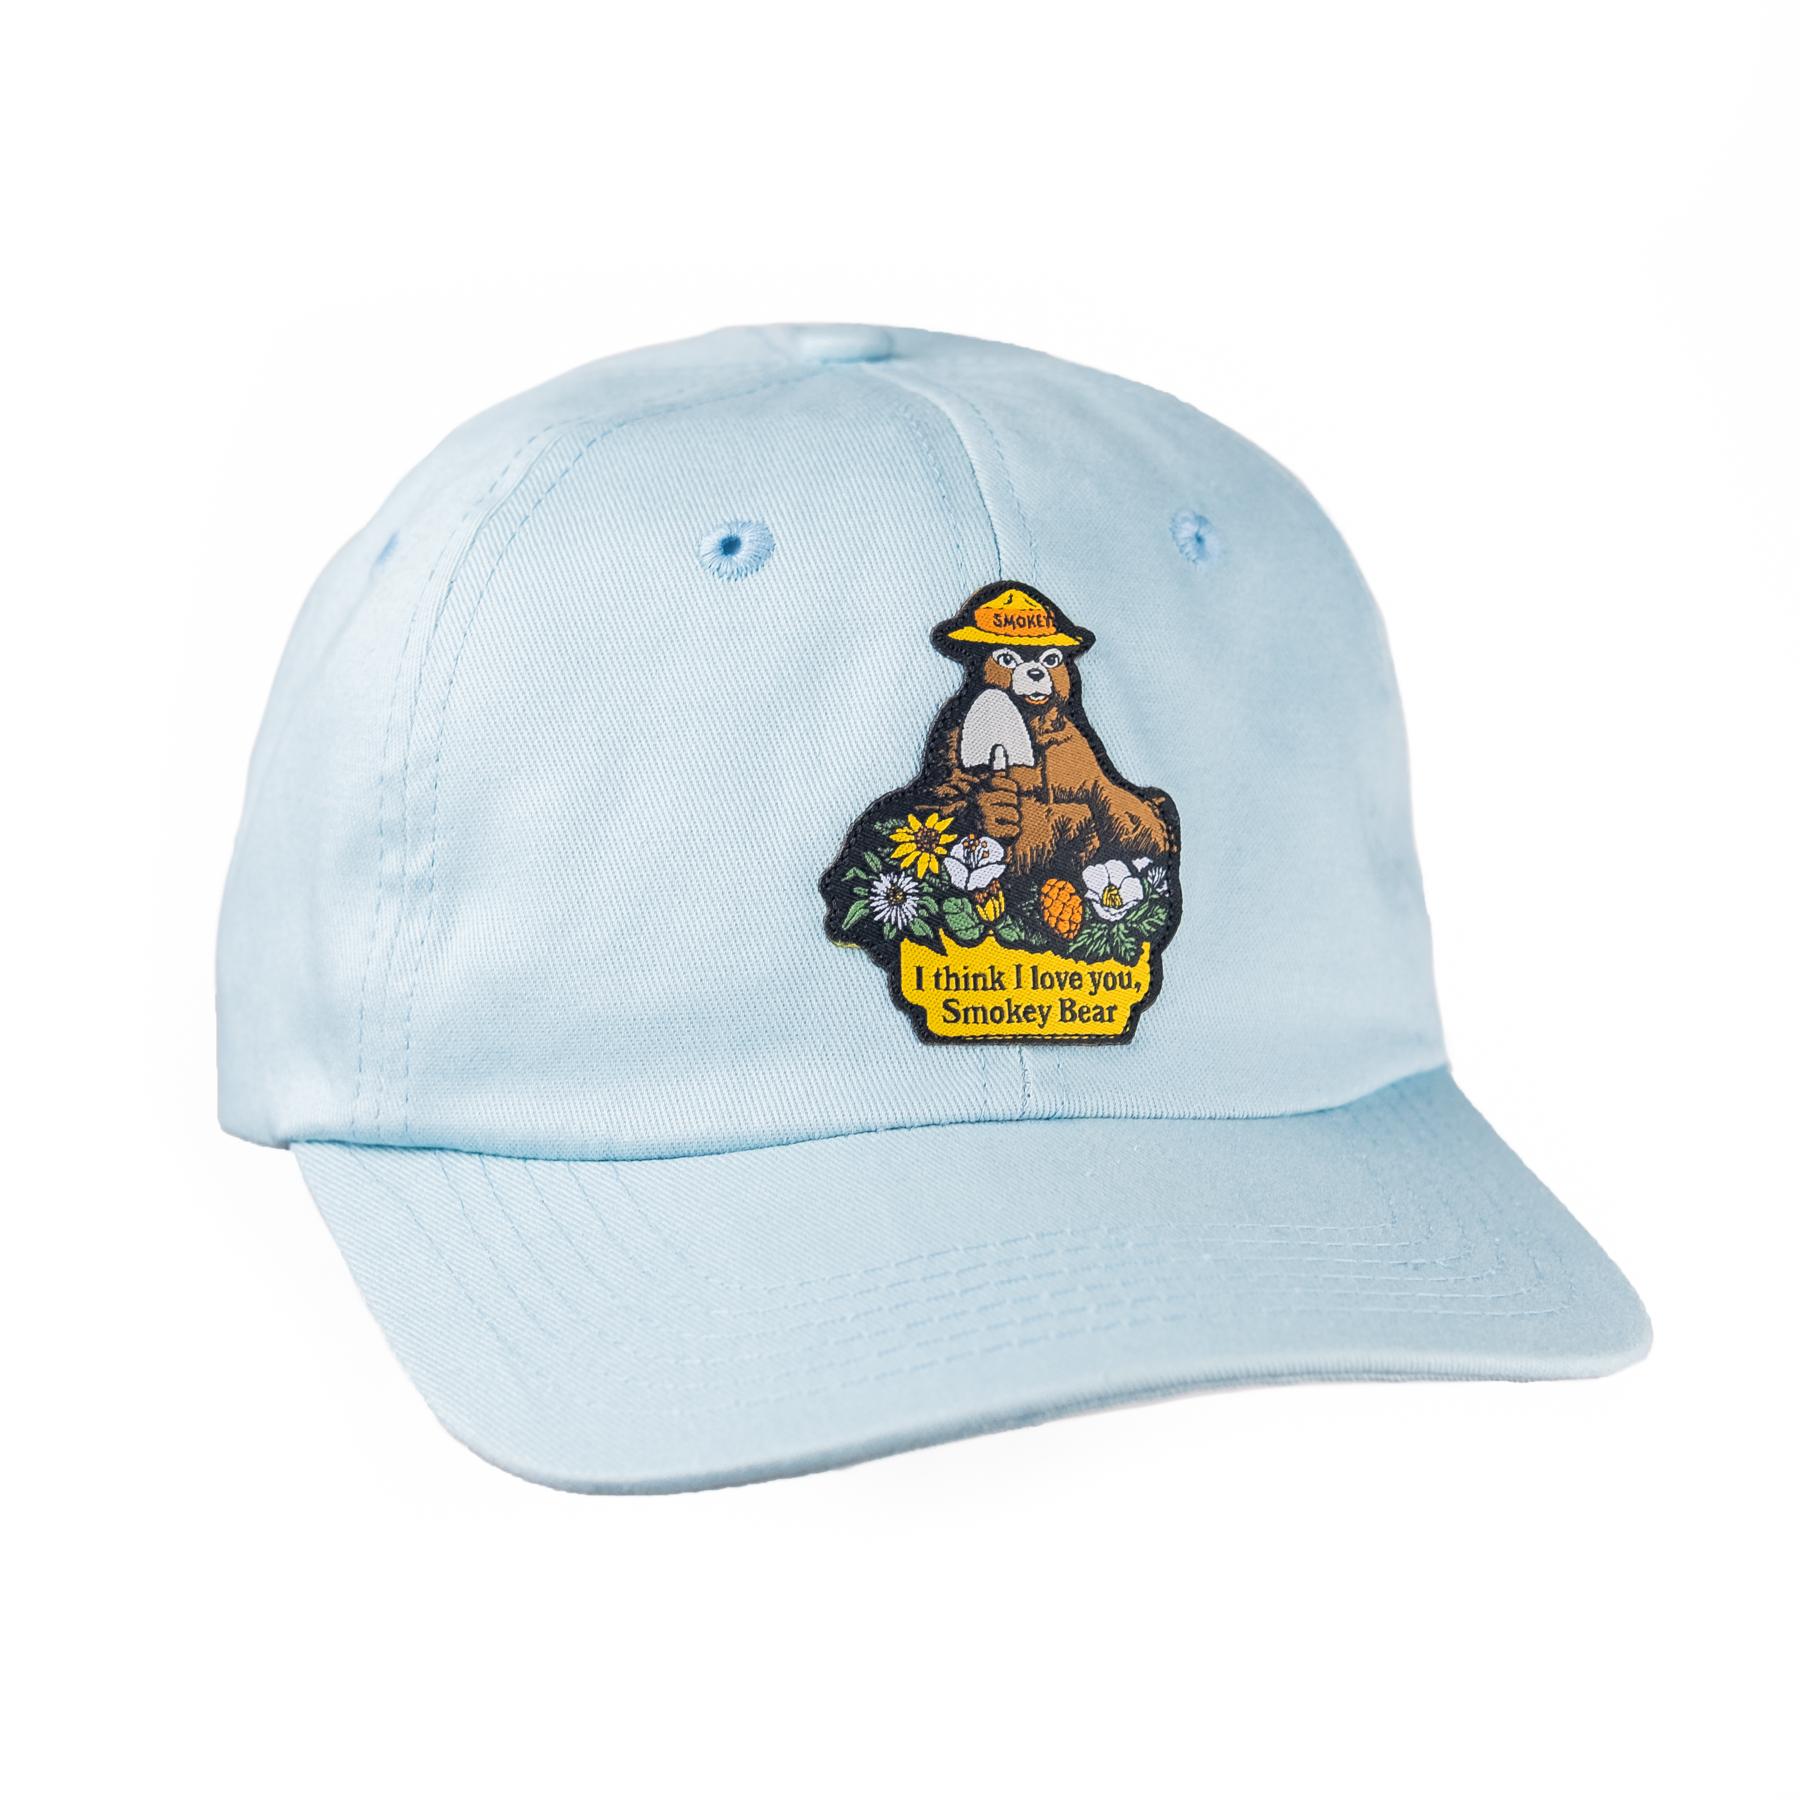 love-you-smokey-hat-1.jpg